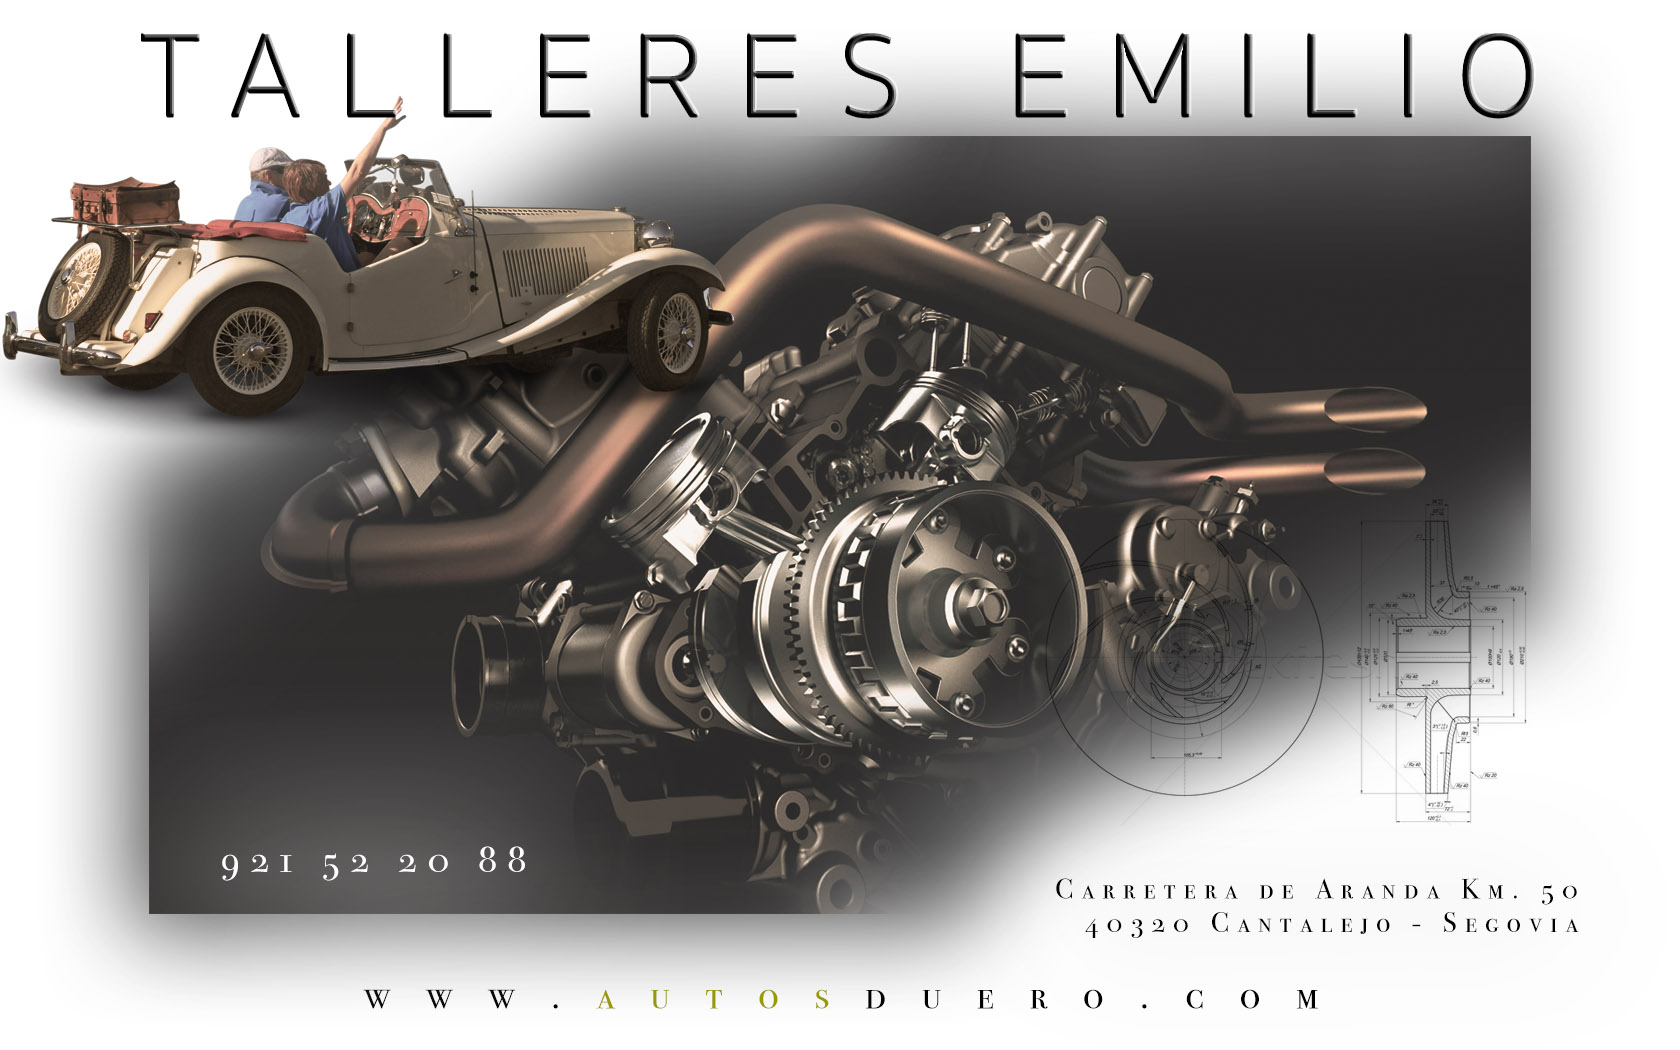 Talleres-Emilio-2c